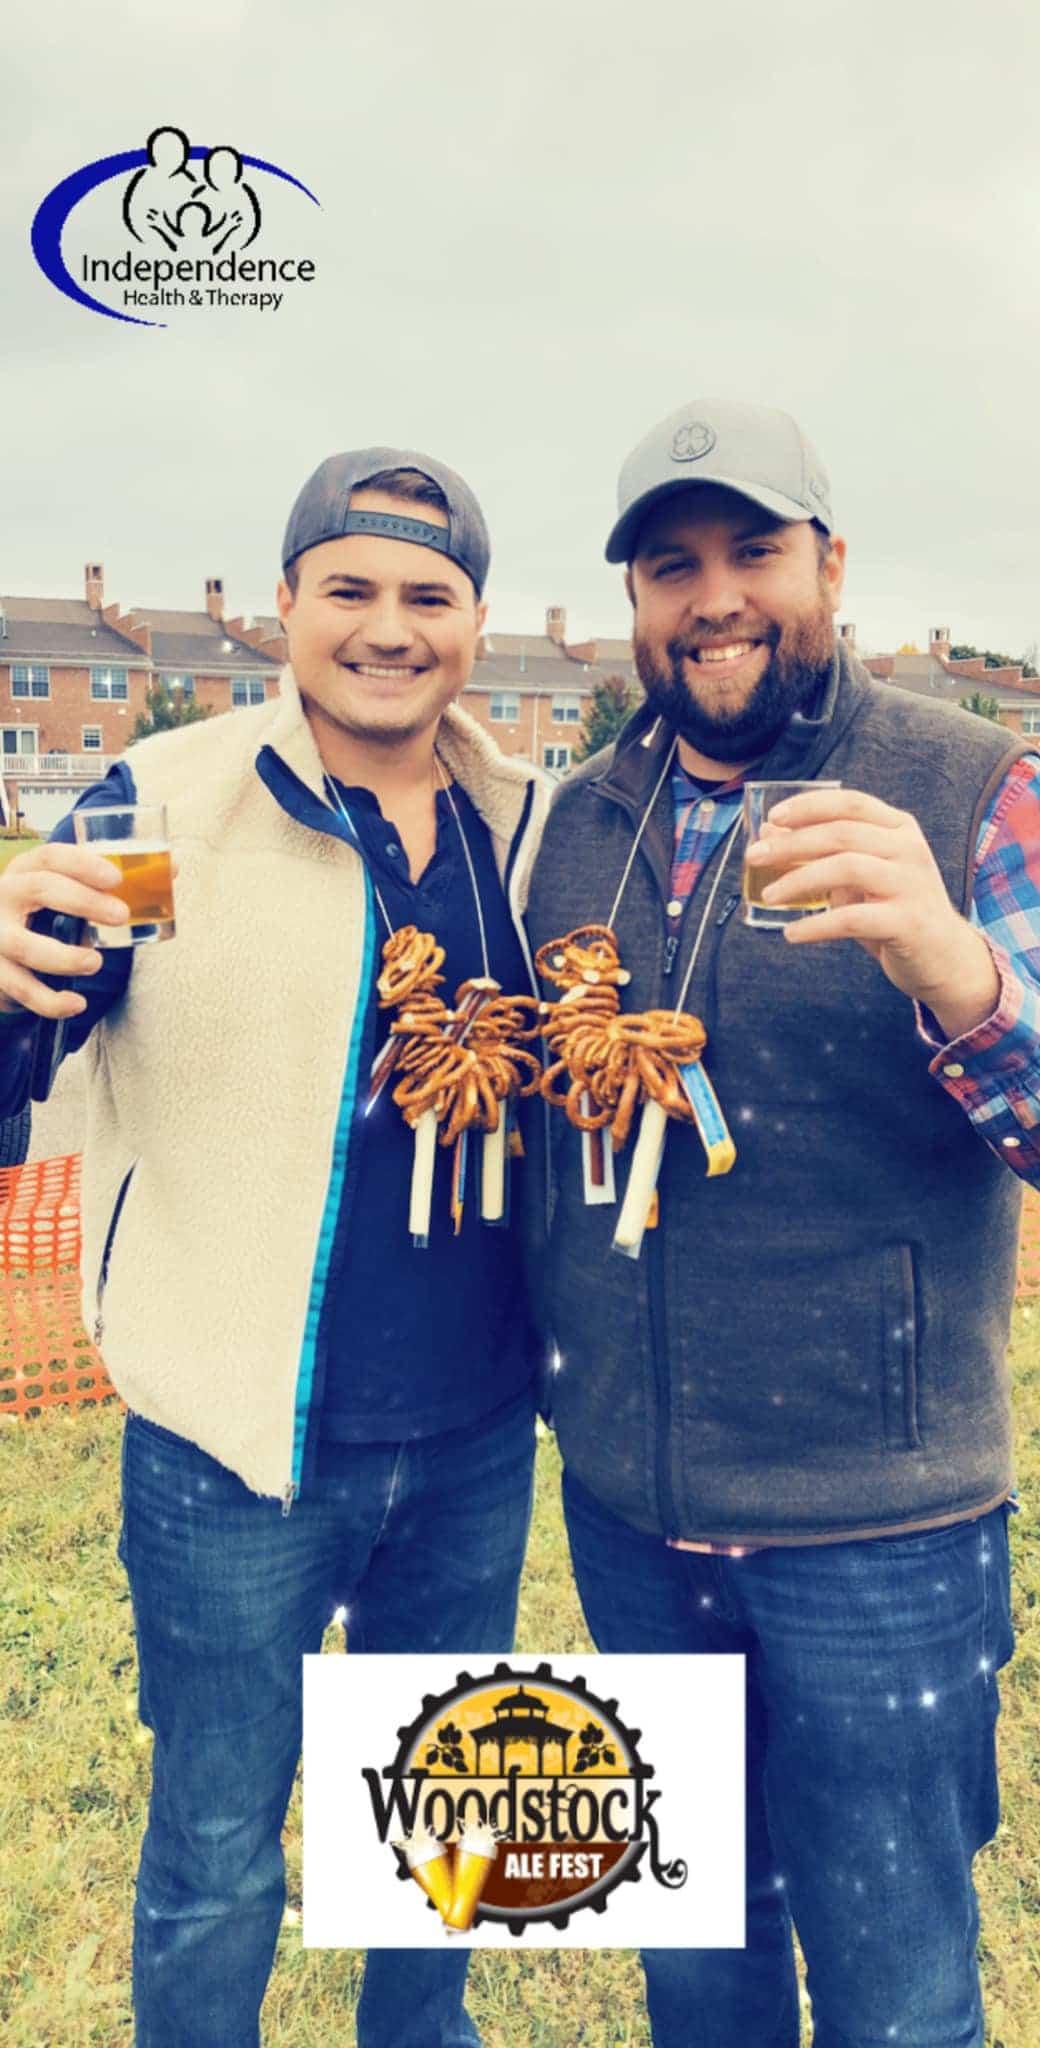 Woodstock Ale Fest